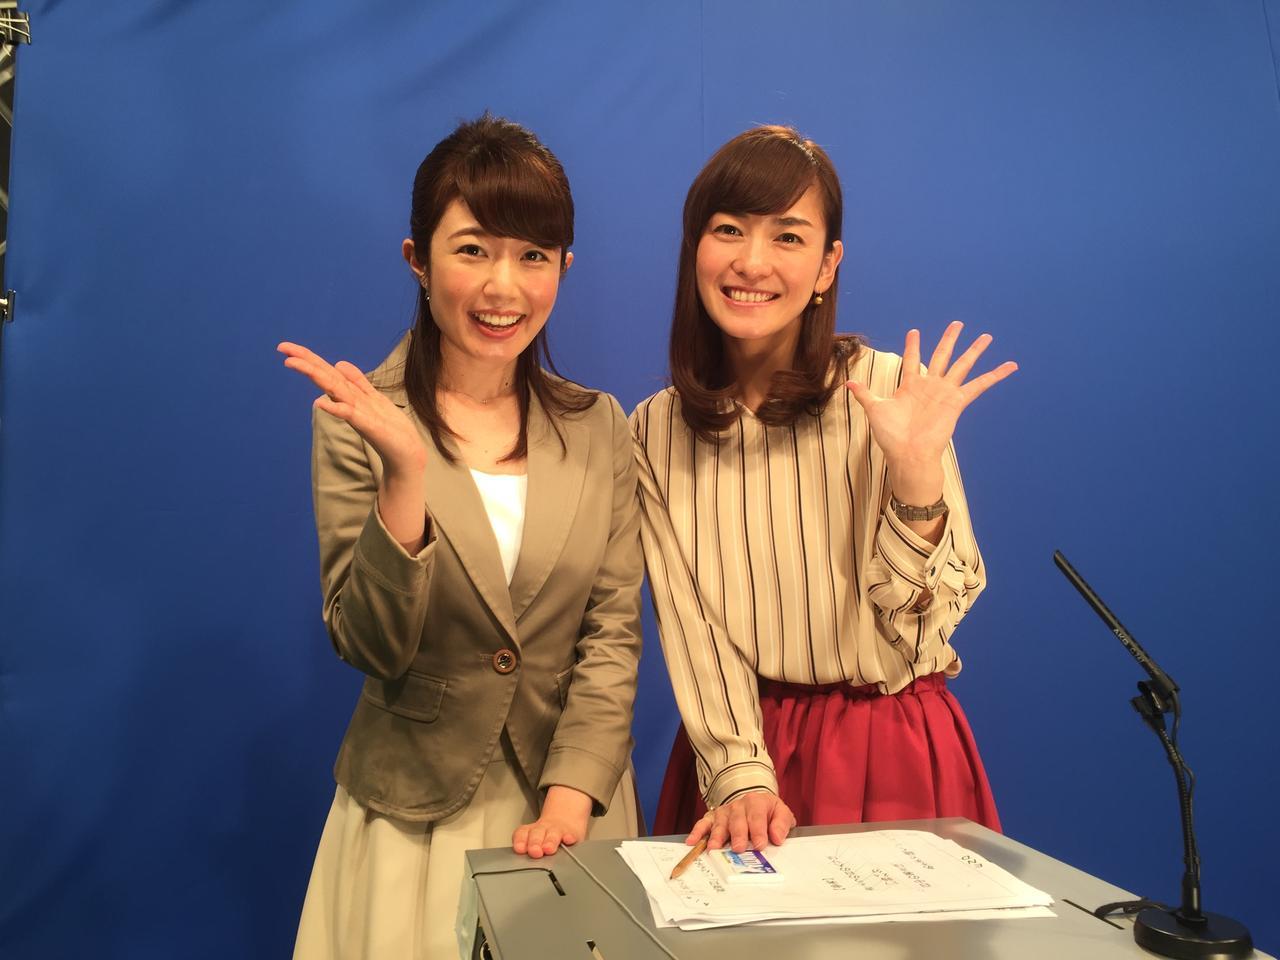 """画像: この""""クロマキー""""と言われる場所で放送することで、 オンエアでは名古屋の外の様子がご覧頂けています。"""